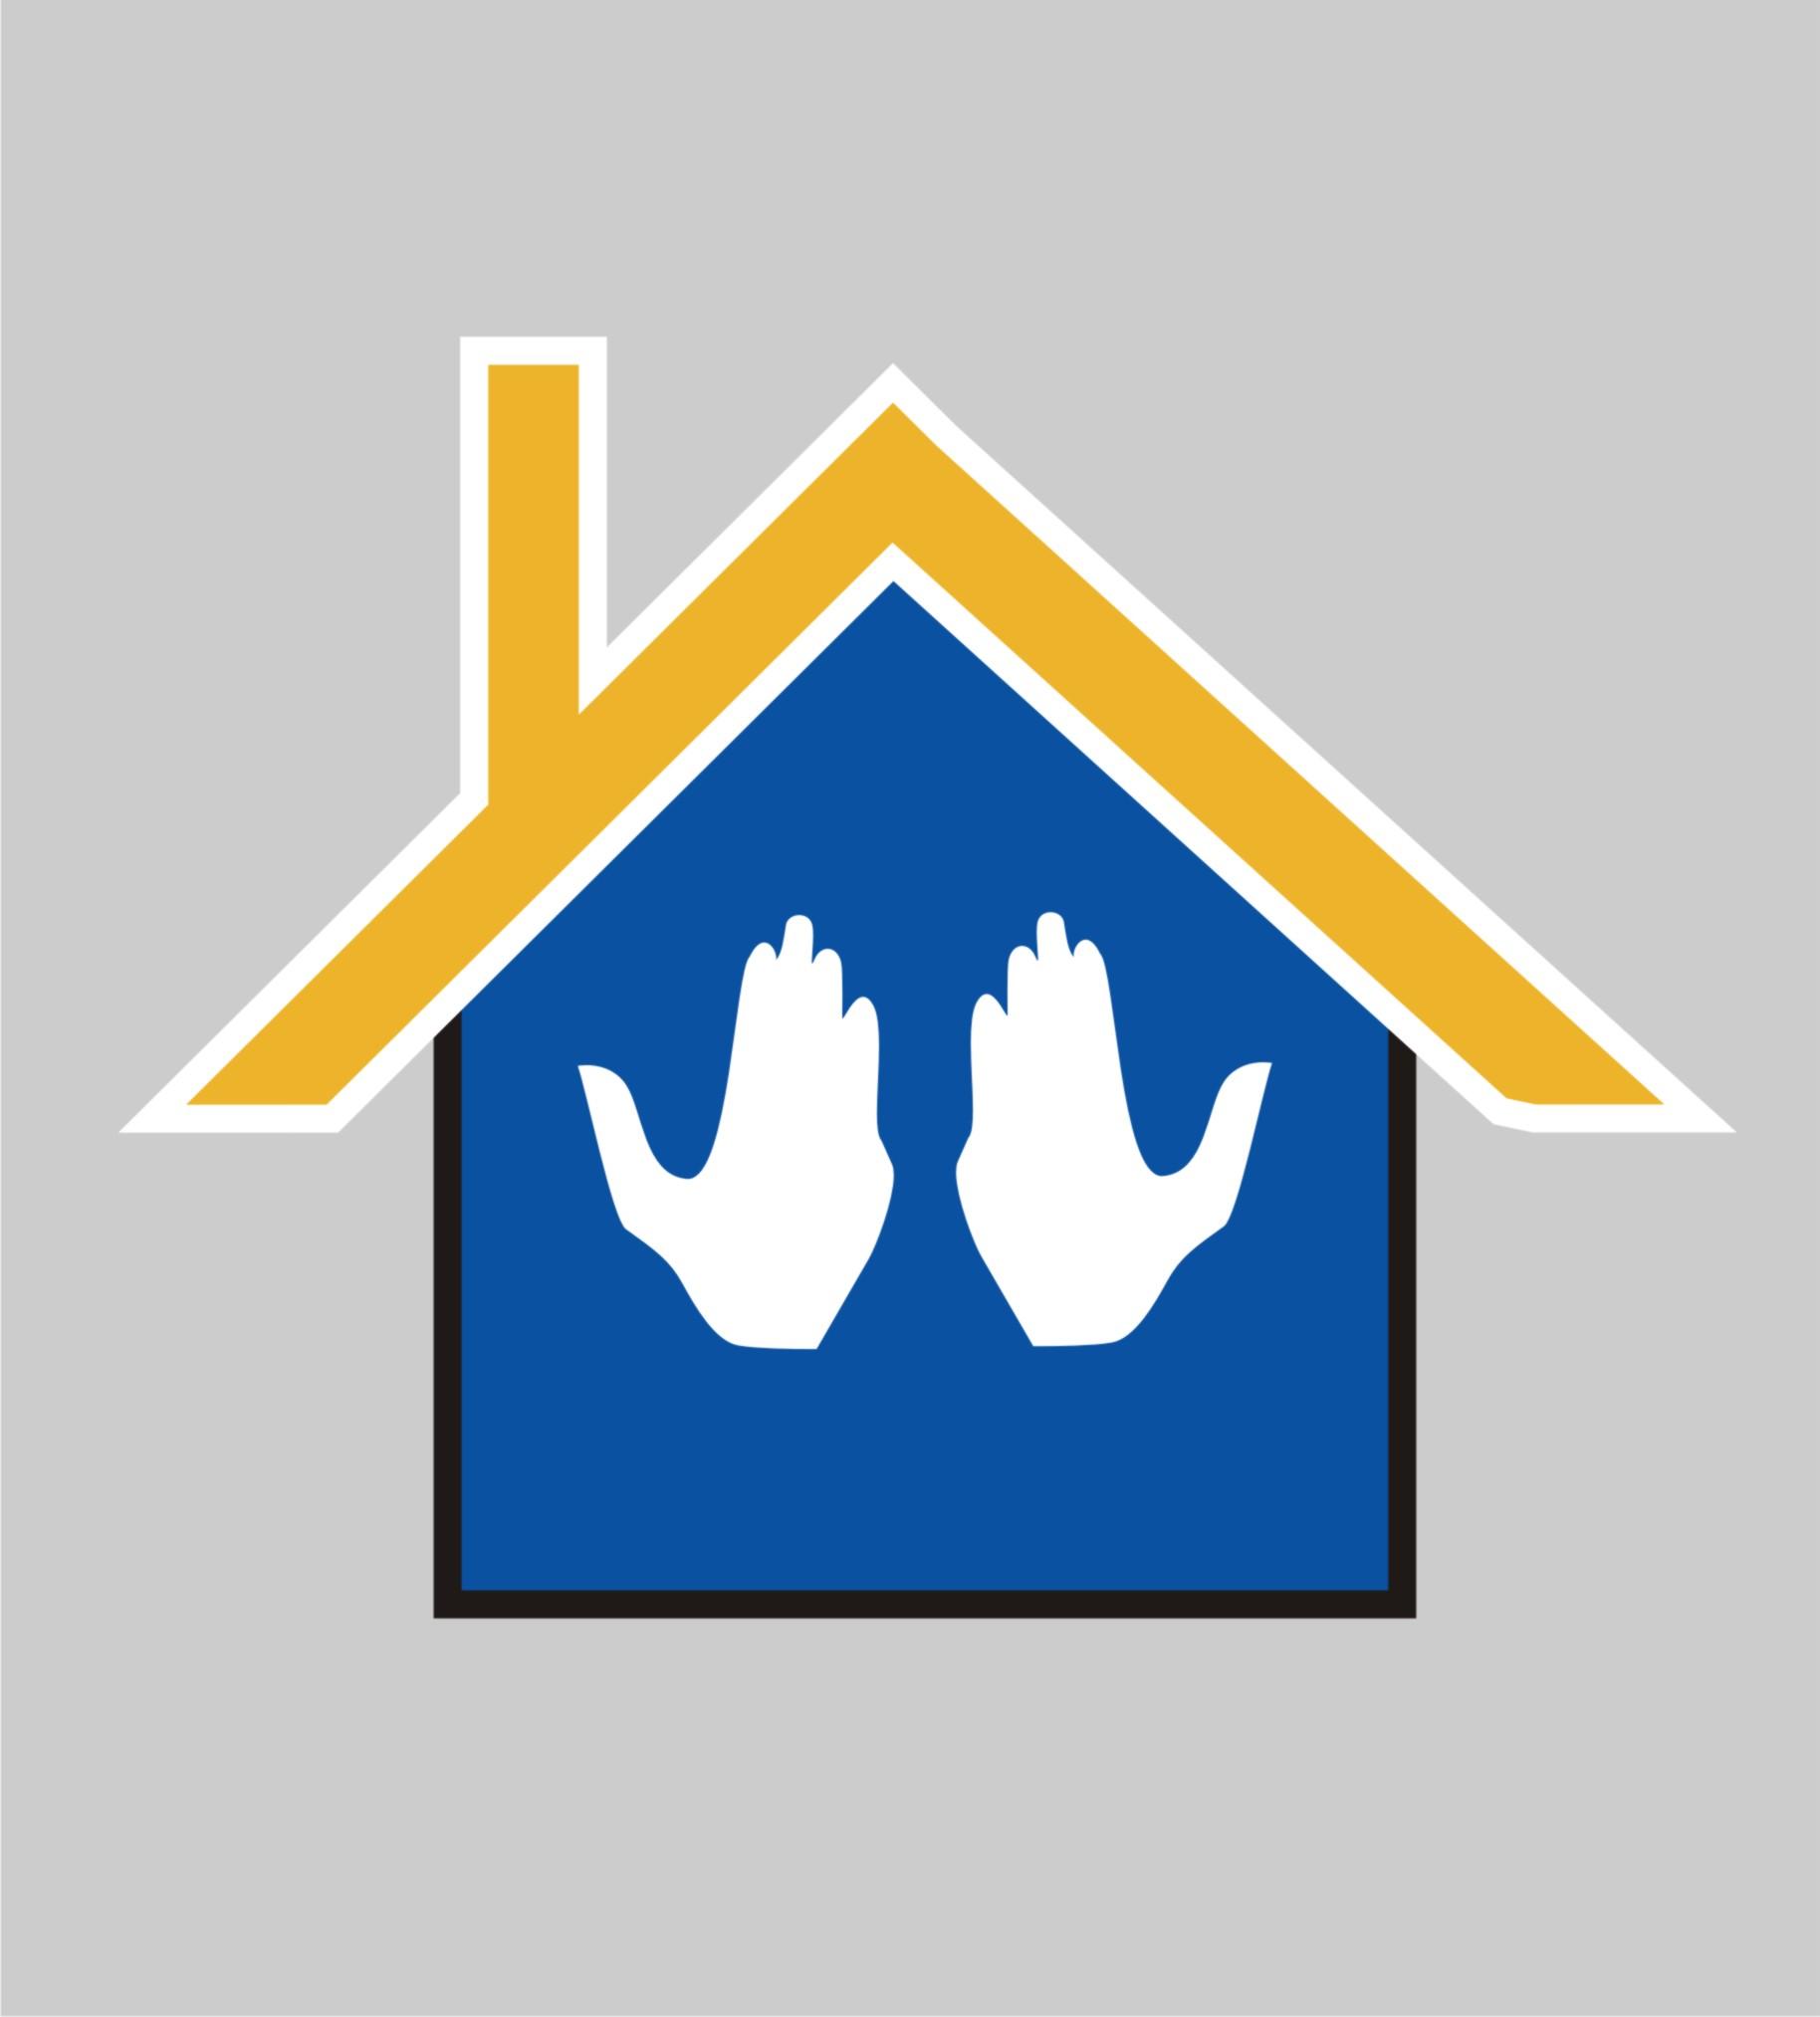 logo 标识 标志 设计 矢量 矢量图 素材 图标 1828_2026